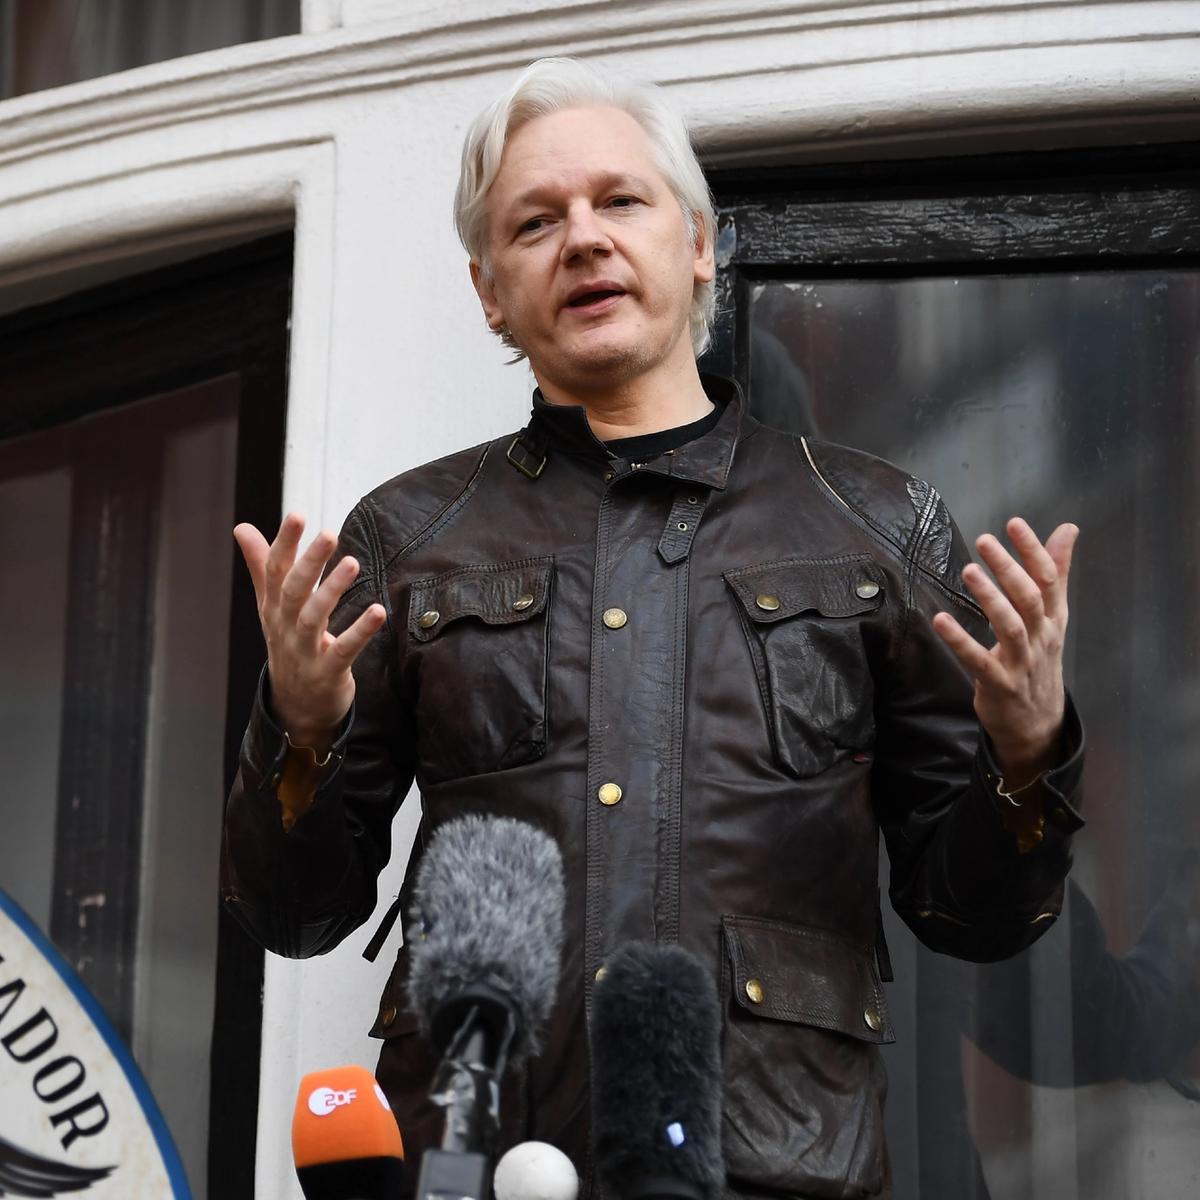 Bildet av Wikileaks' Julian Assange er tatt 19. mai 2017 ved Ecuadors ambassade i London.